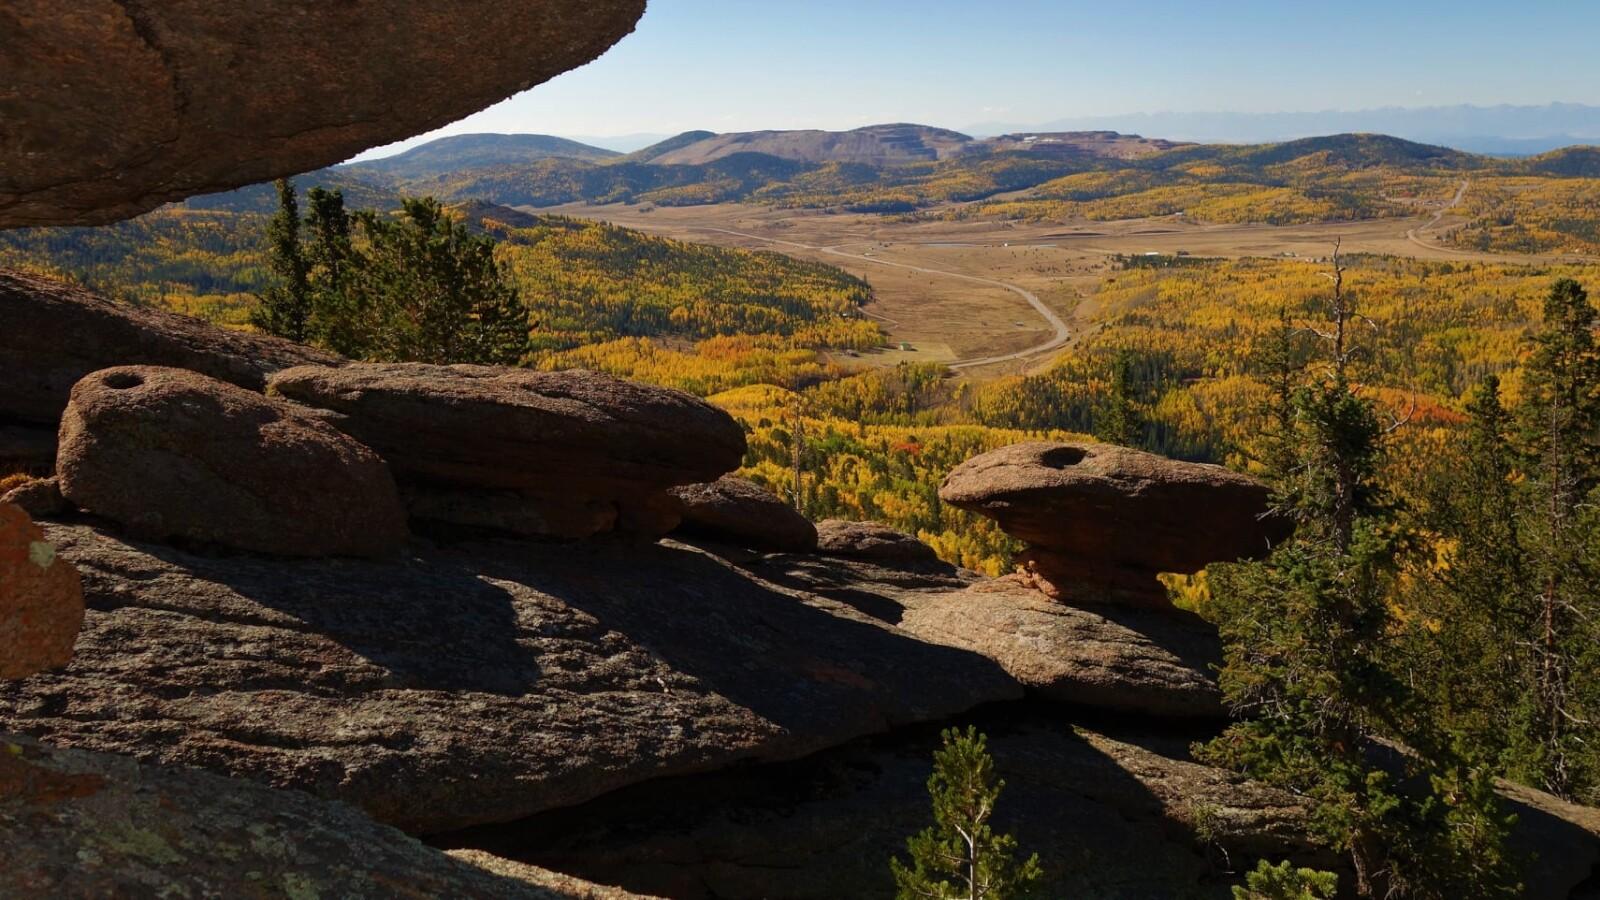 2Pancake Rocks Teller County Jeff Castillo 1.jpg